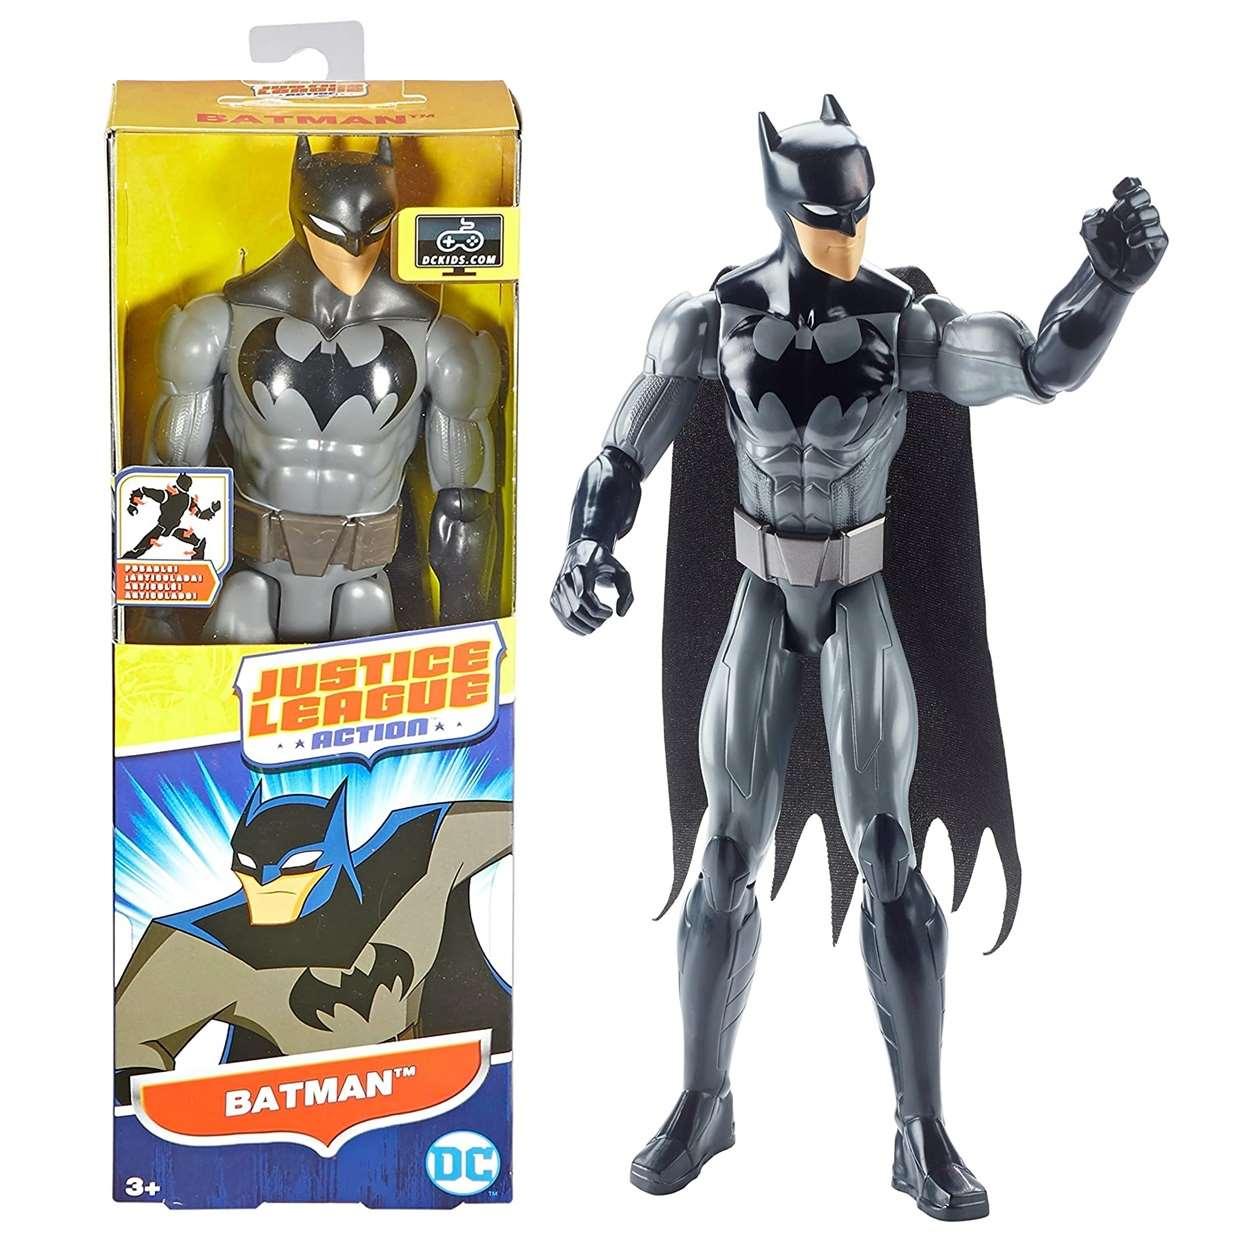 Batman Dwm49 Figura Dc Justice League Action Mattel 12 PuLG